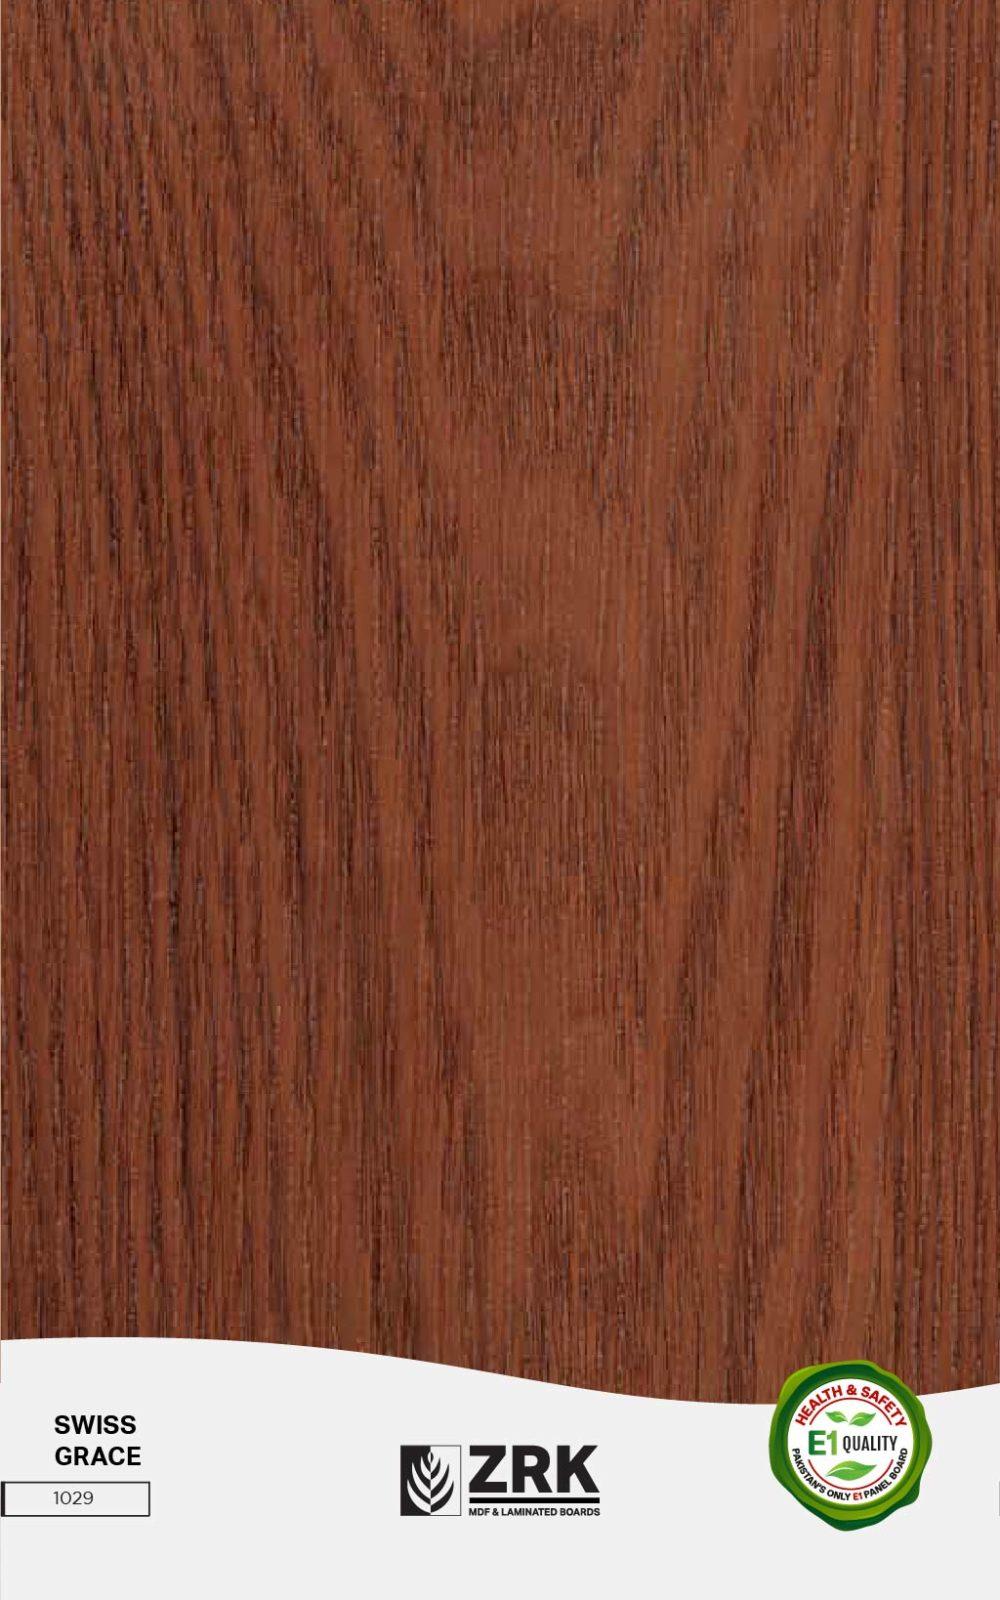 Swiss Grace - Wood Grain - 1029